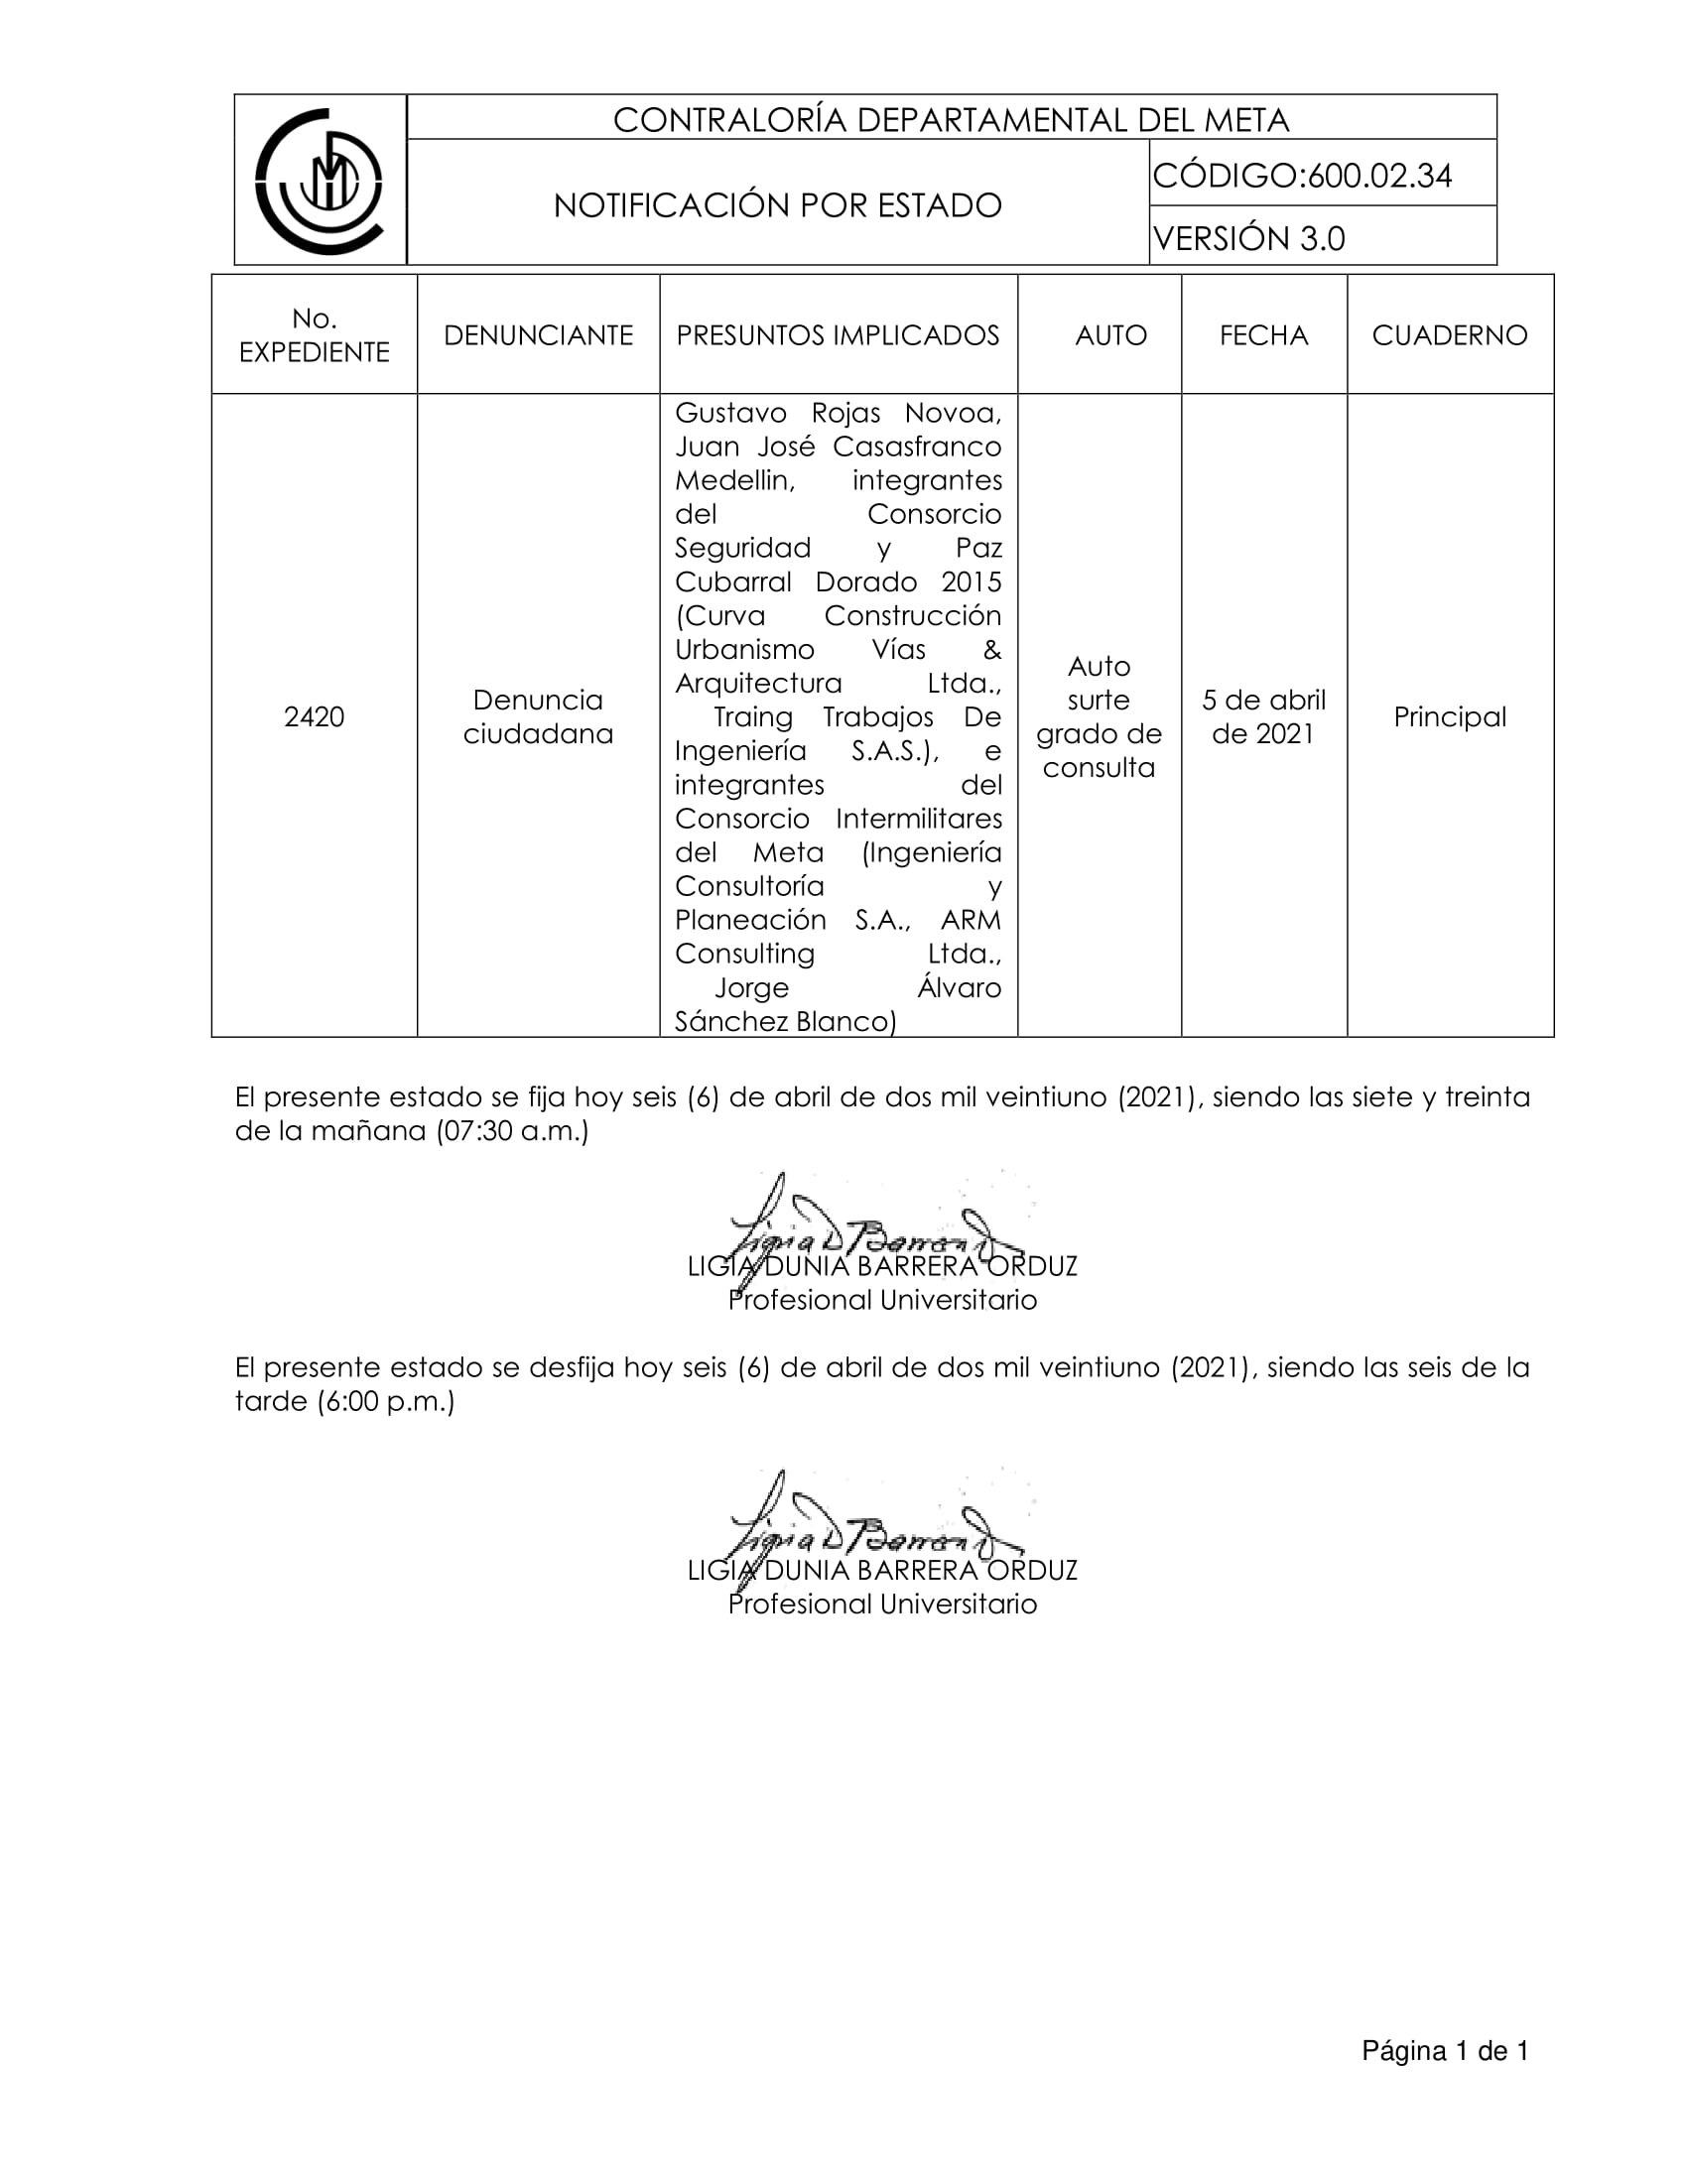 notific-por-estado-auto-grado-de-consulta-proc-rf-2420-1